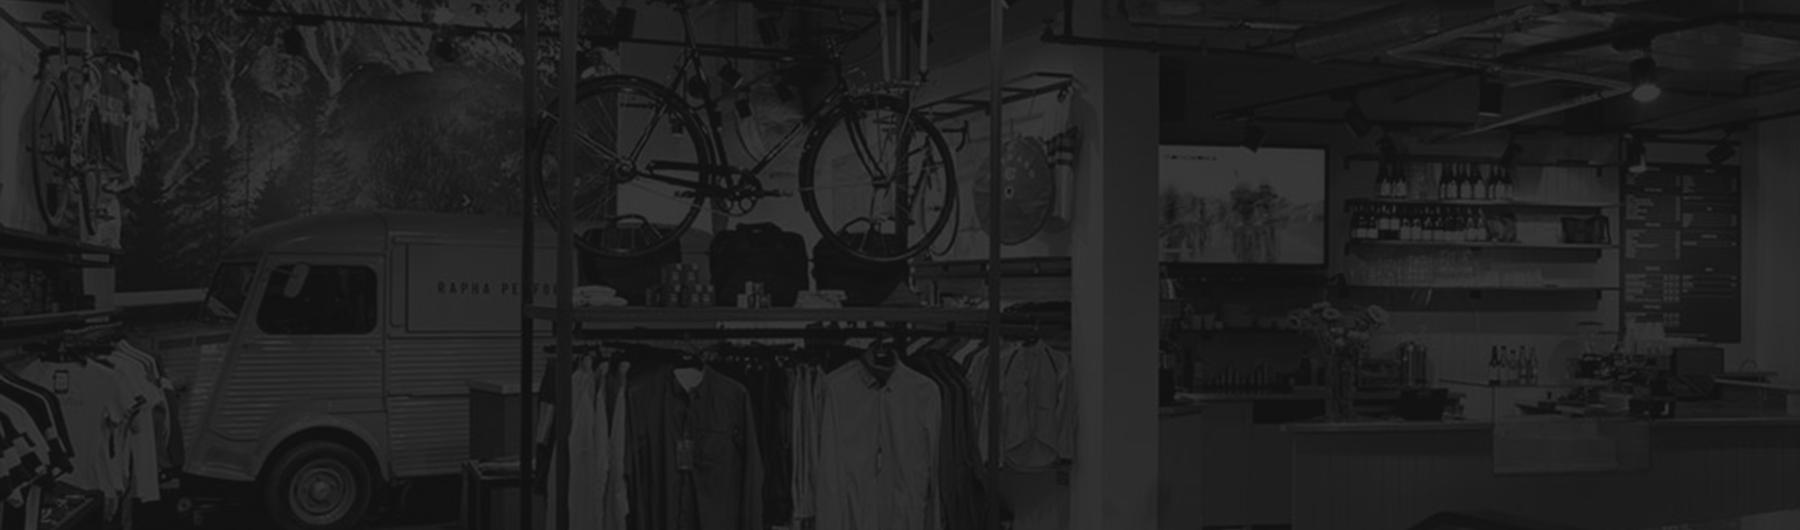 Rapha X Bicycling / Robic Indoor Training